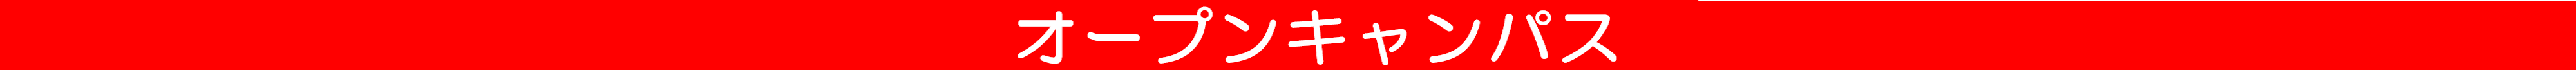 201508bar